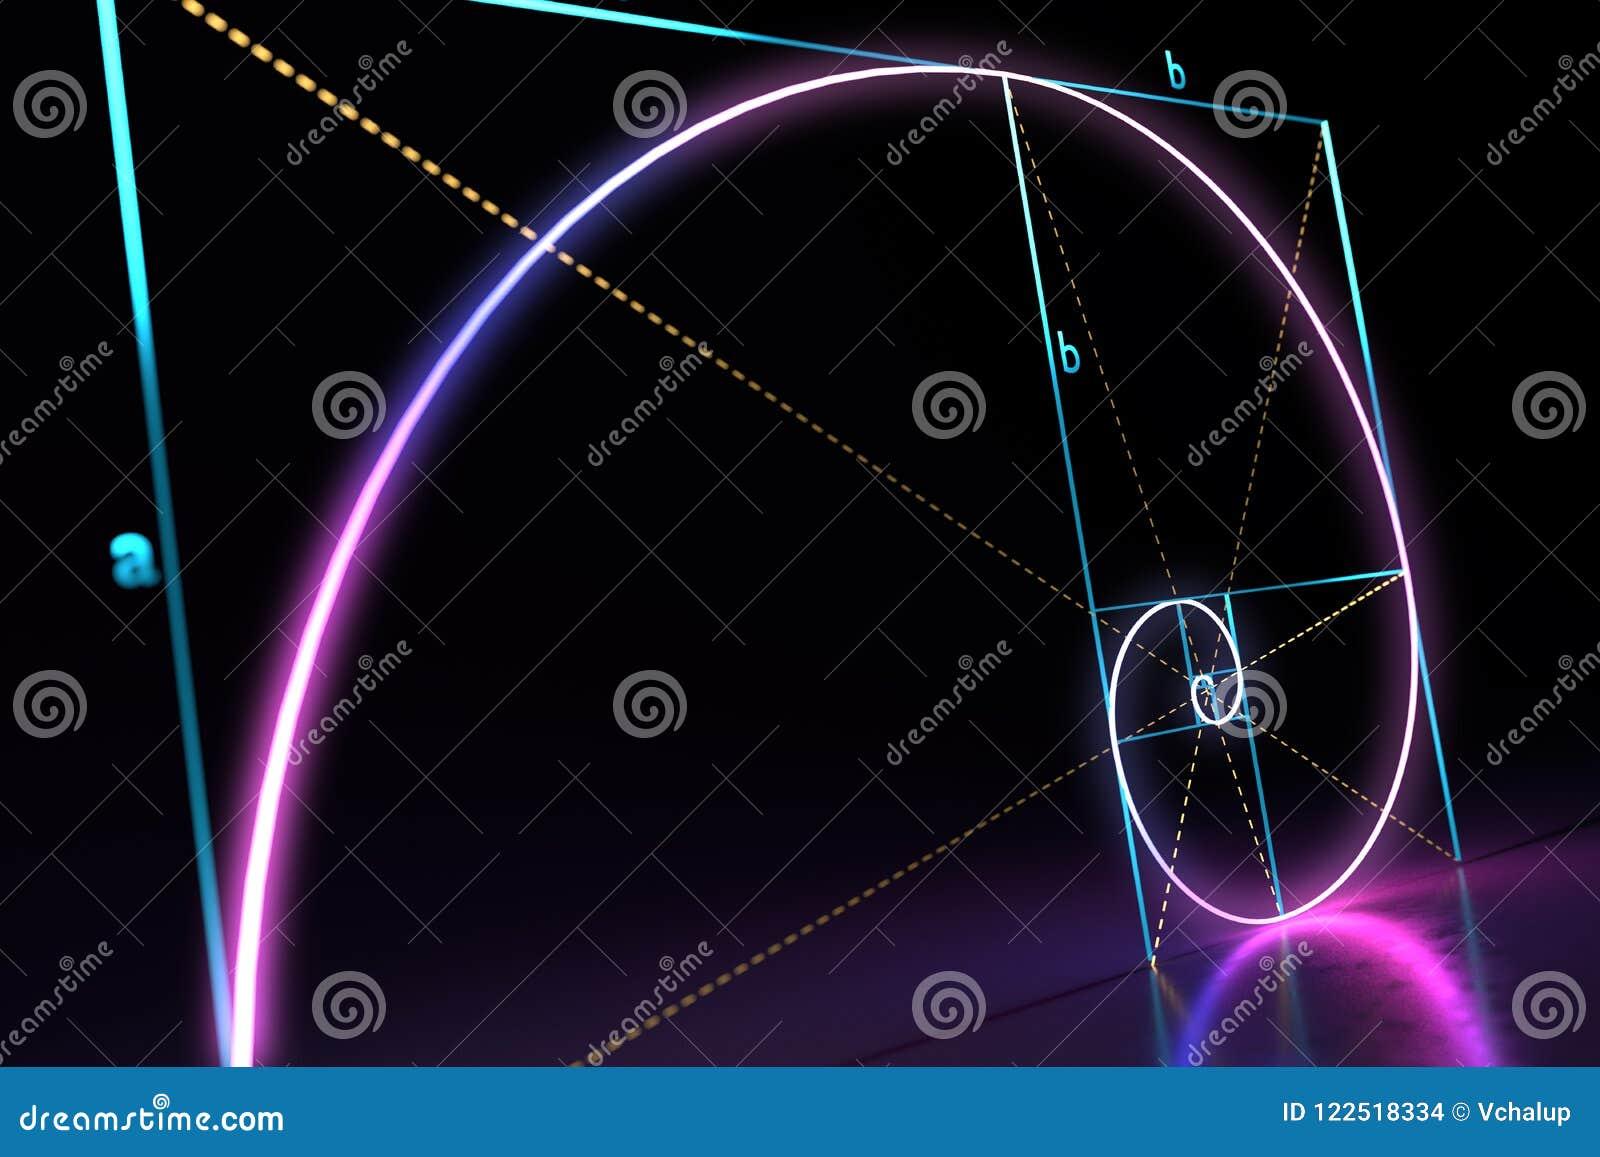 Fibonacci golden ratio spiral on black background. 3D rendered illustration